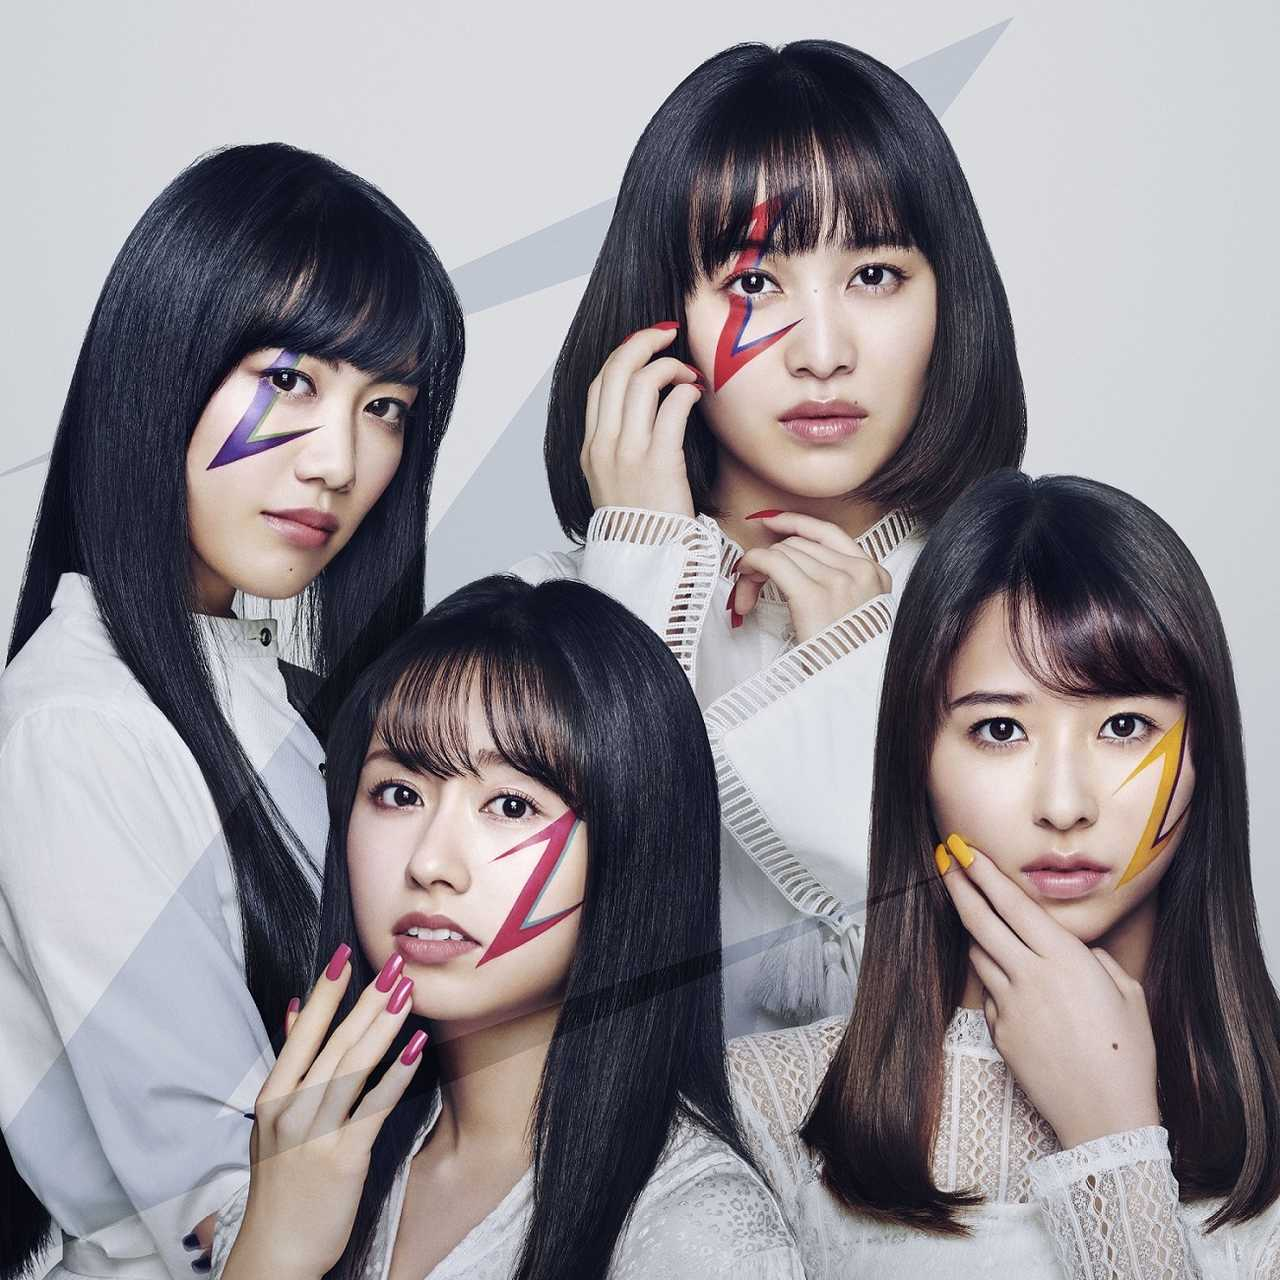 ももクロ、本田翼主演ドラマ「チート」の主題歌「stay gold」が先行配信スタート!